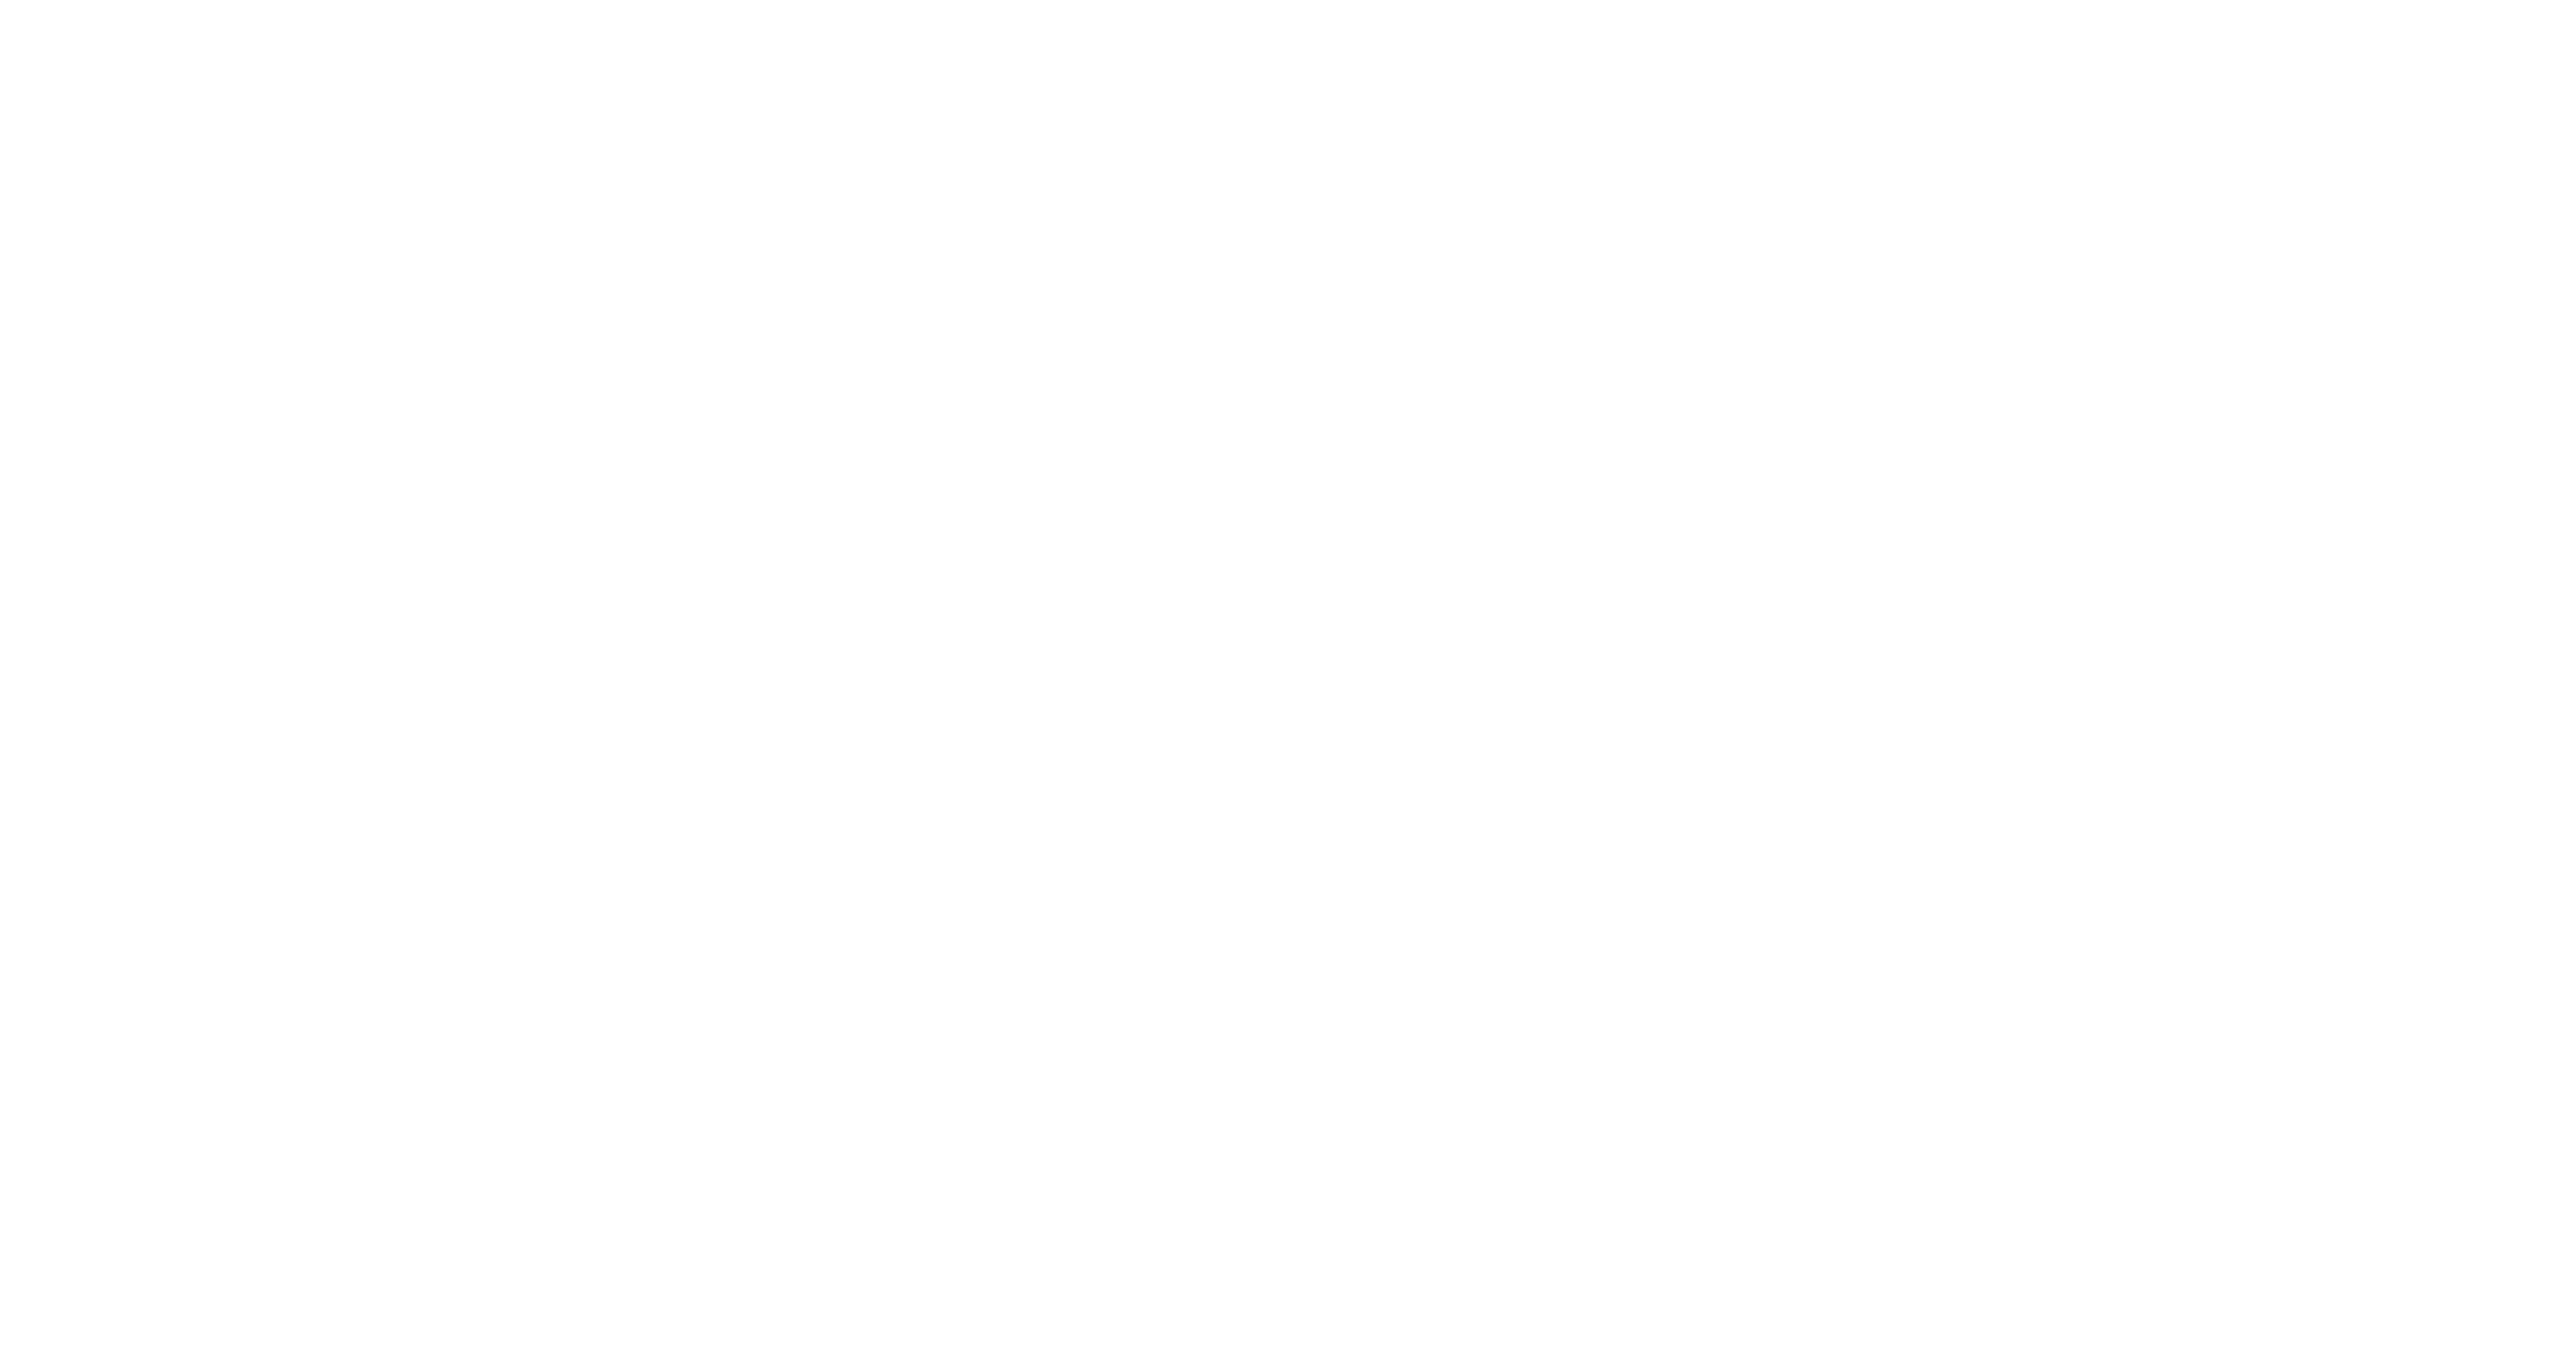 Standorte der ANTHOSGroup weltweit